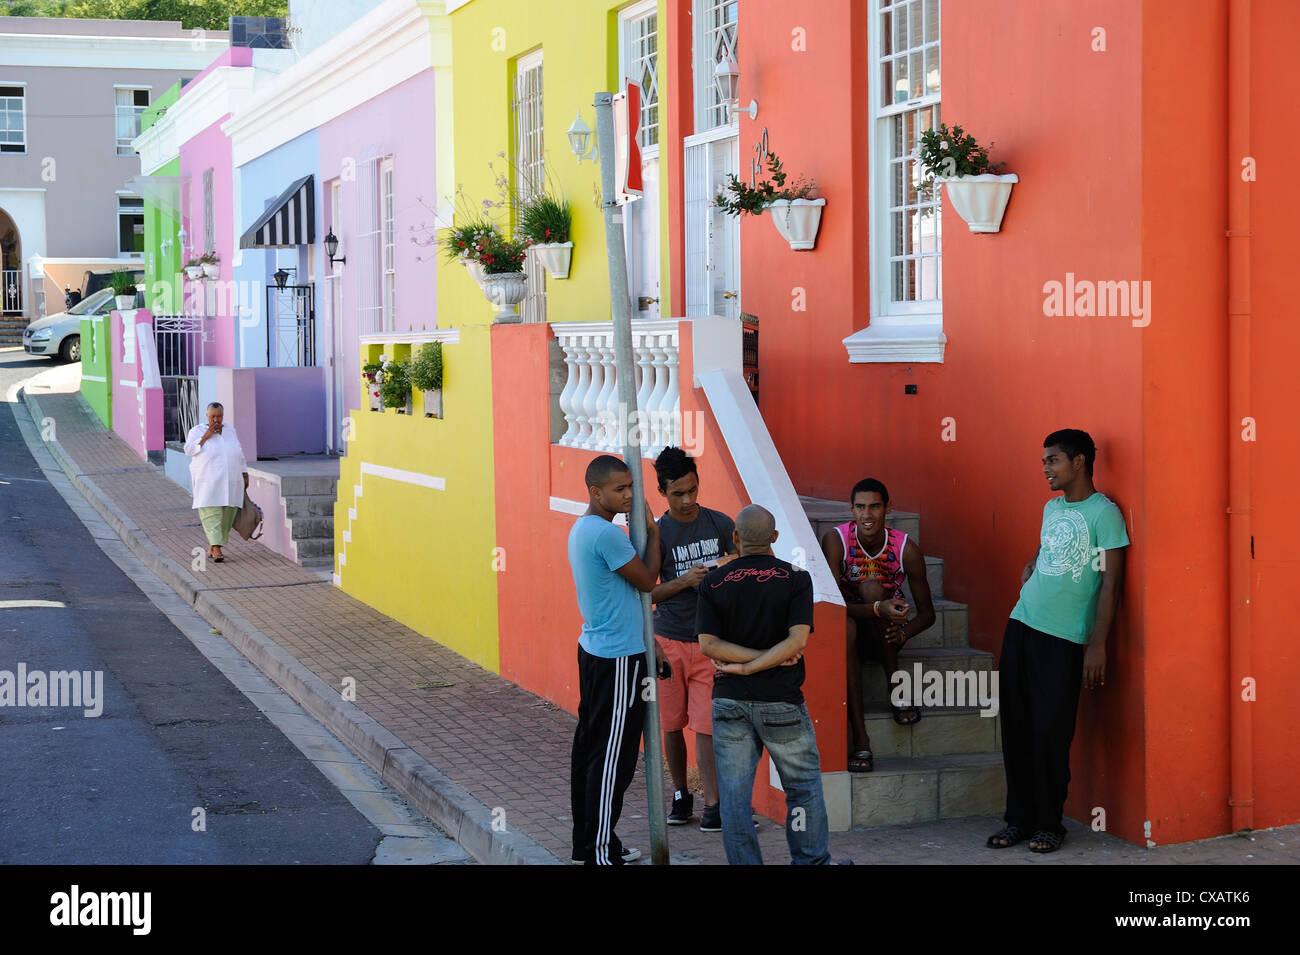 Maisons colorées, Bo-Cape malais, habitants, Cape Town, Afrique du Sud, l'Afrique Photo Stock